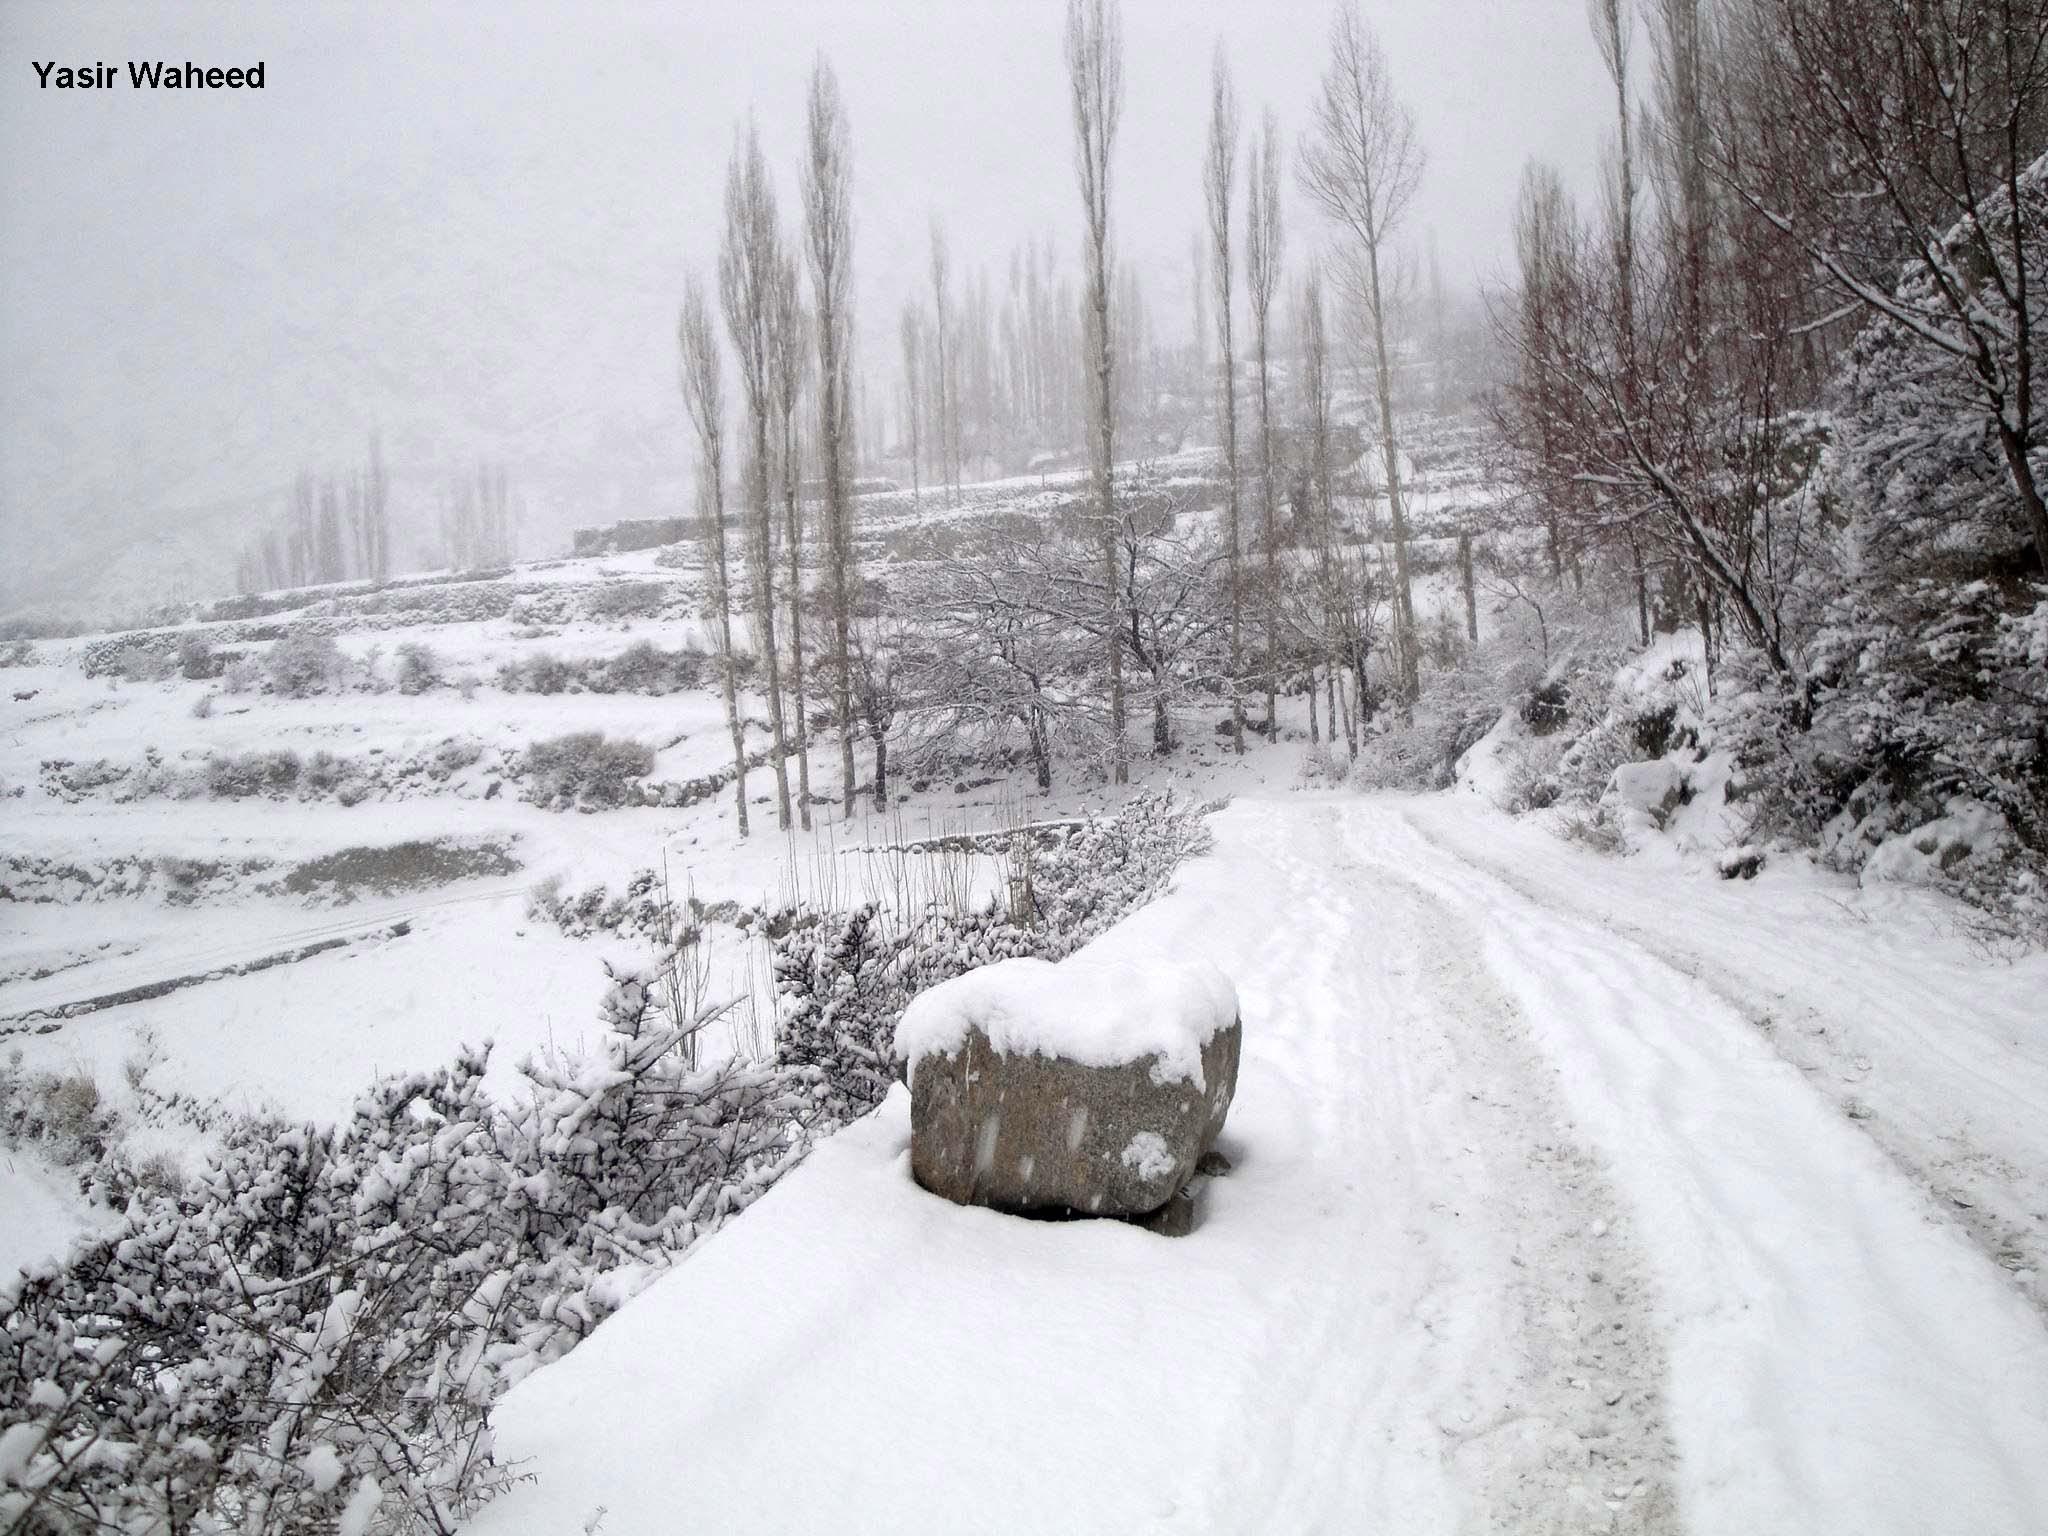 برفباری کا موسم آگیا، لیکن گلگت بلتستان کے دوردراز علاقوں میں گندم ذخیرہ نہیں کیا جاسکا